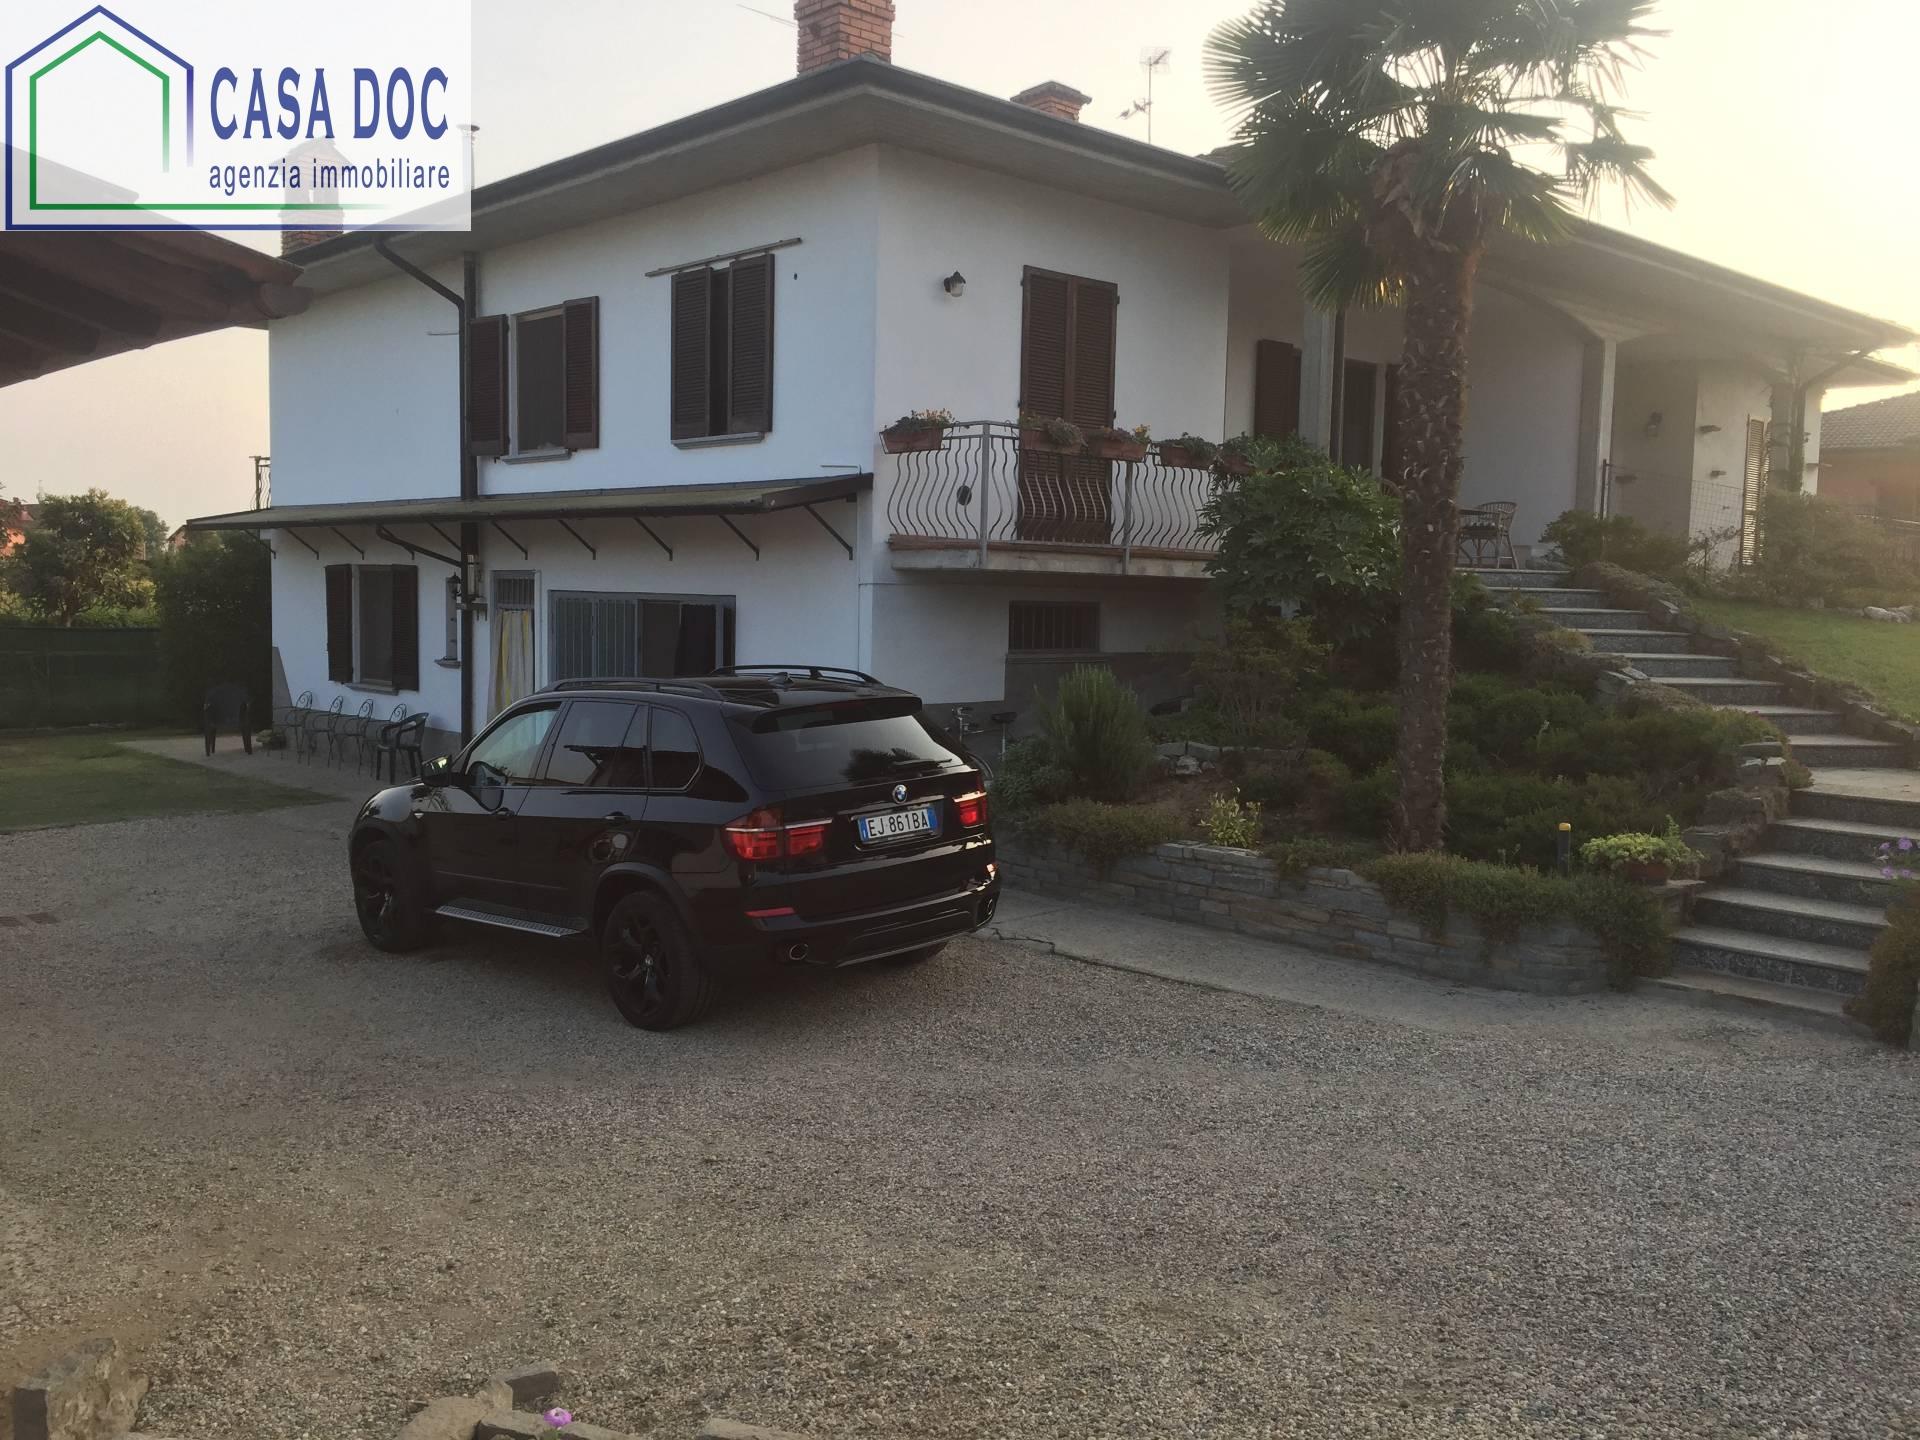 Villa in vendita a Bornasco, 4 locali, prezzo € 329.000 | CambioCasa.it